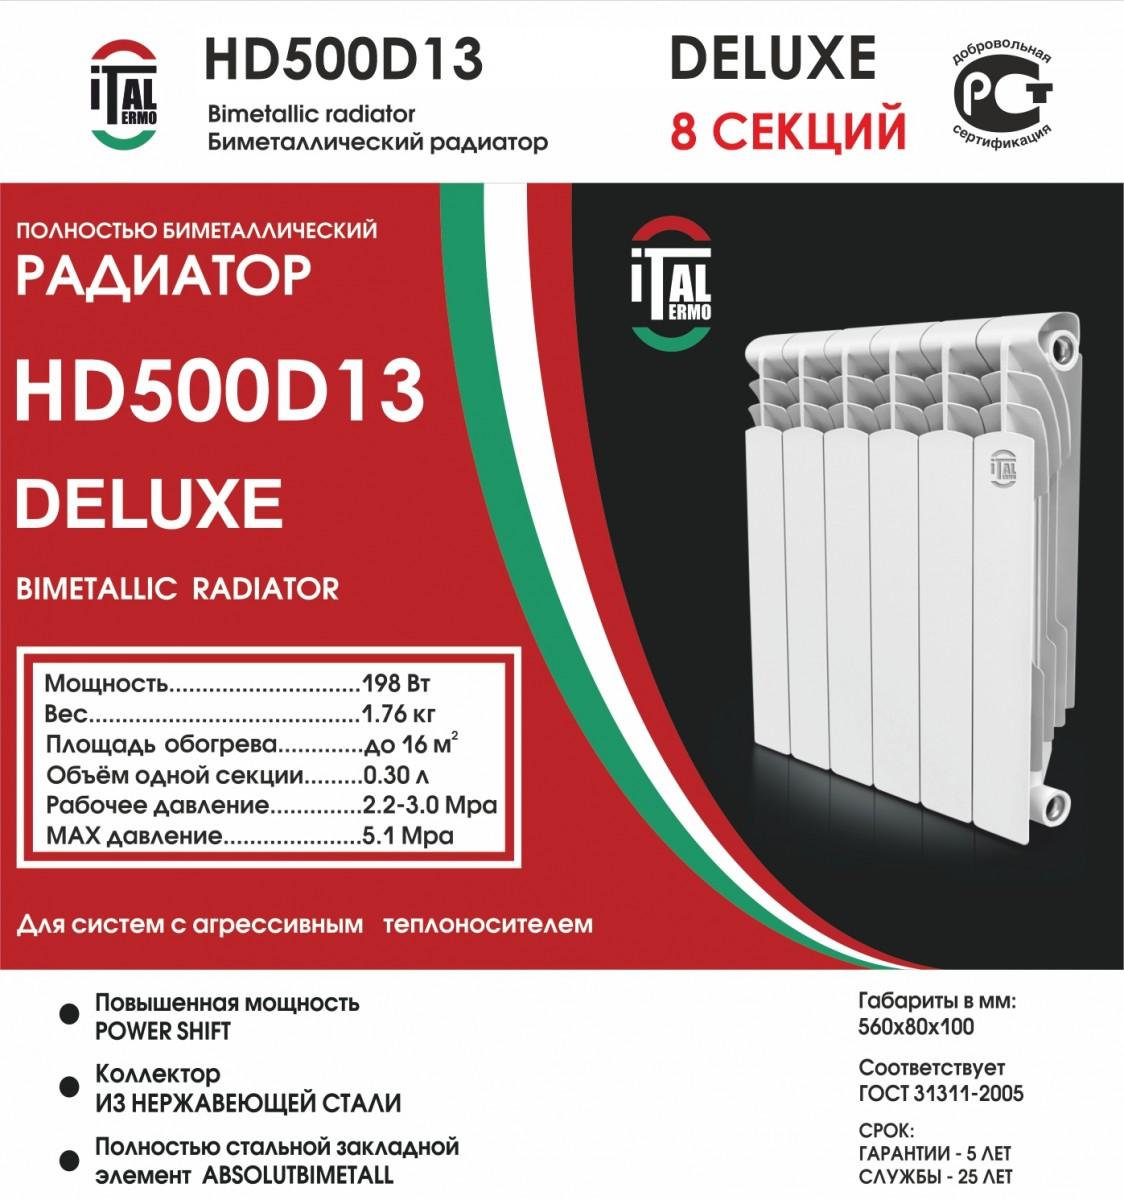 Радиатор ItalThermo HD500D13 Bimetallic Delux (8 секций)